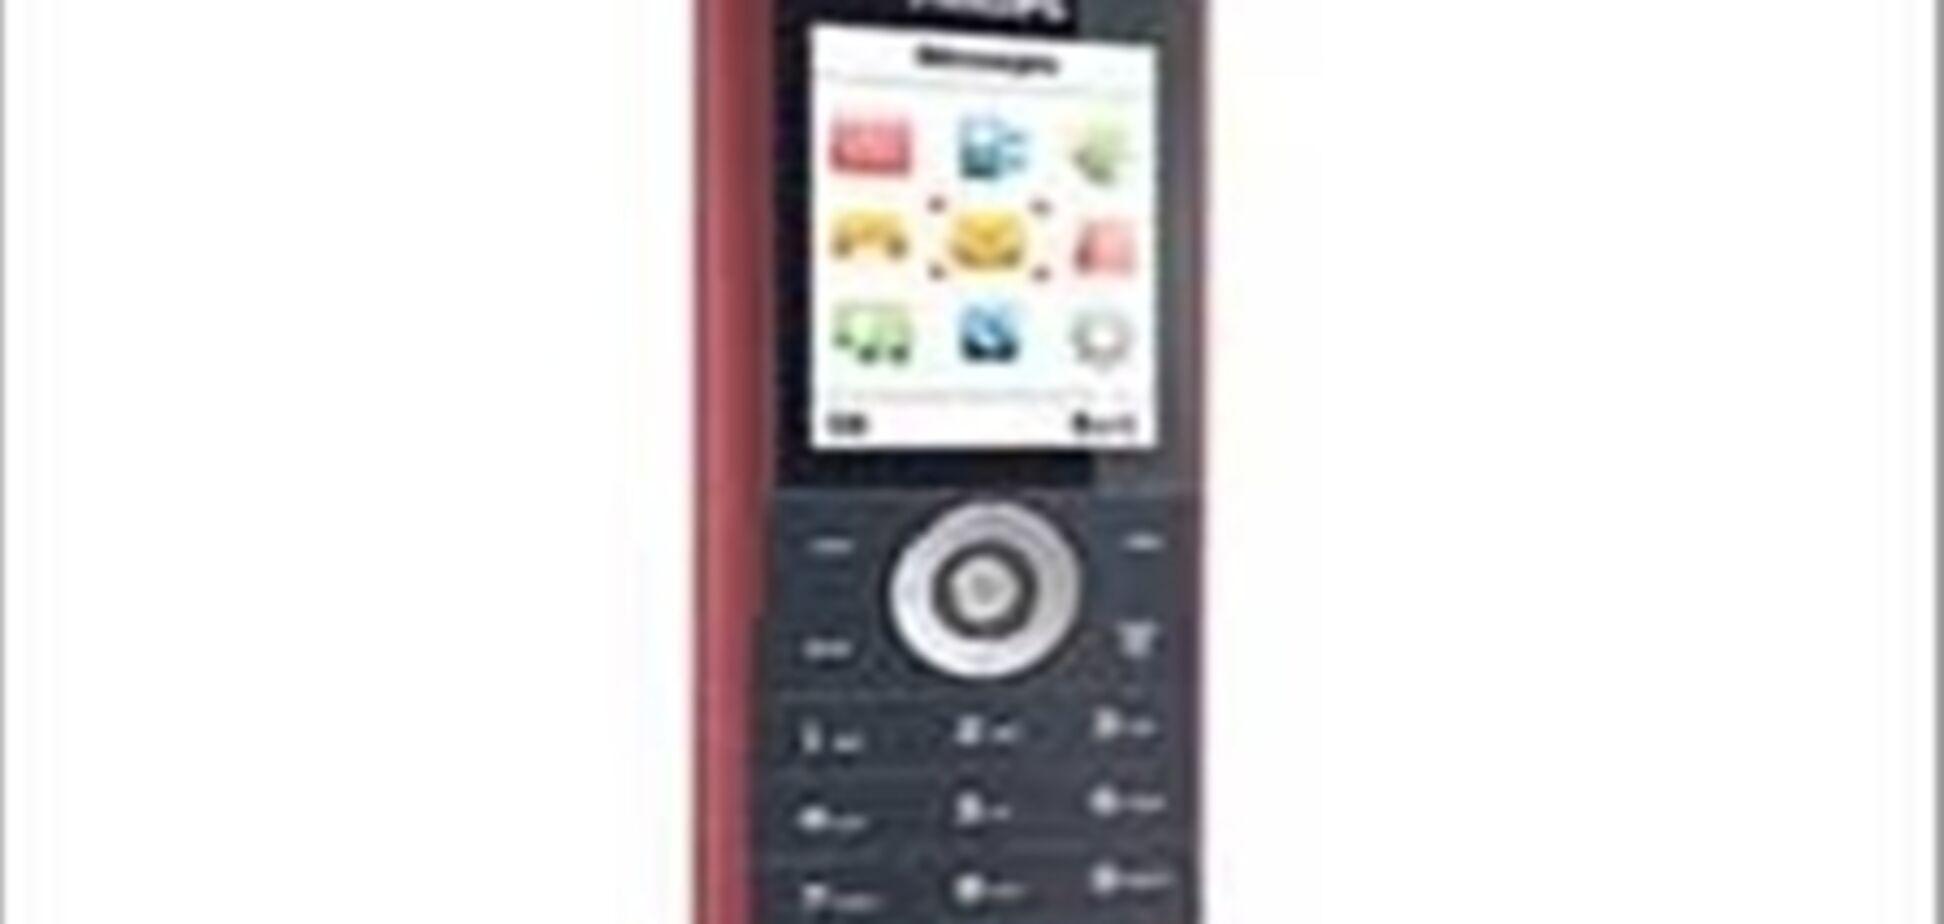 Philips выпустила недорогой музыкальный телефон E100